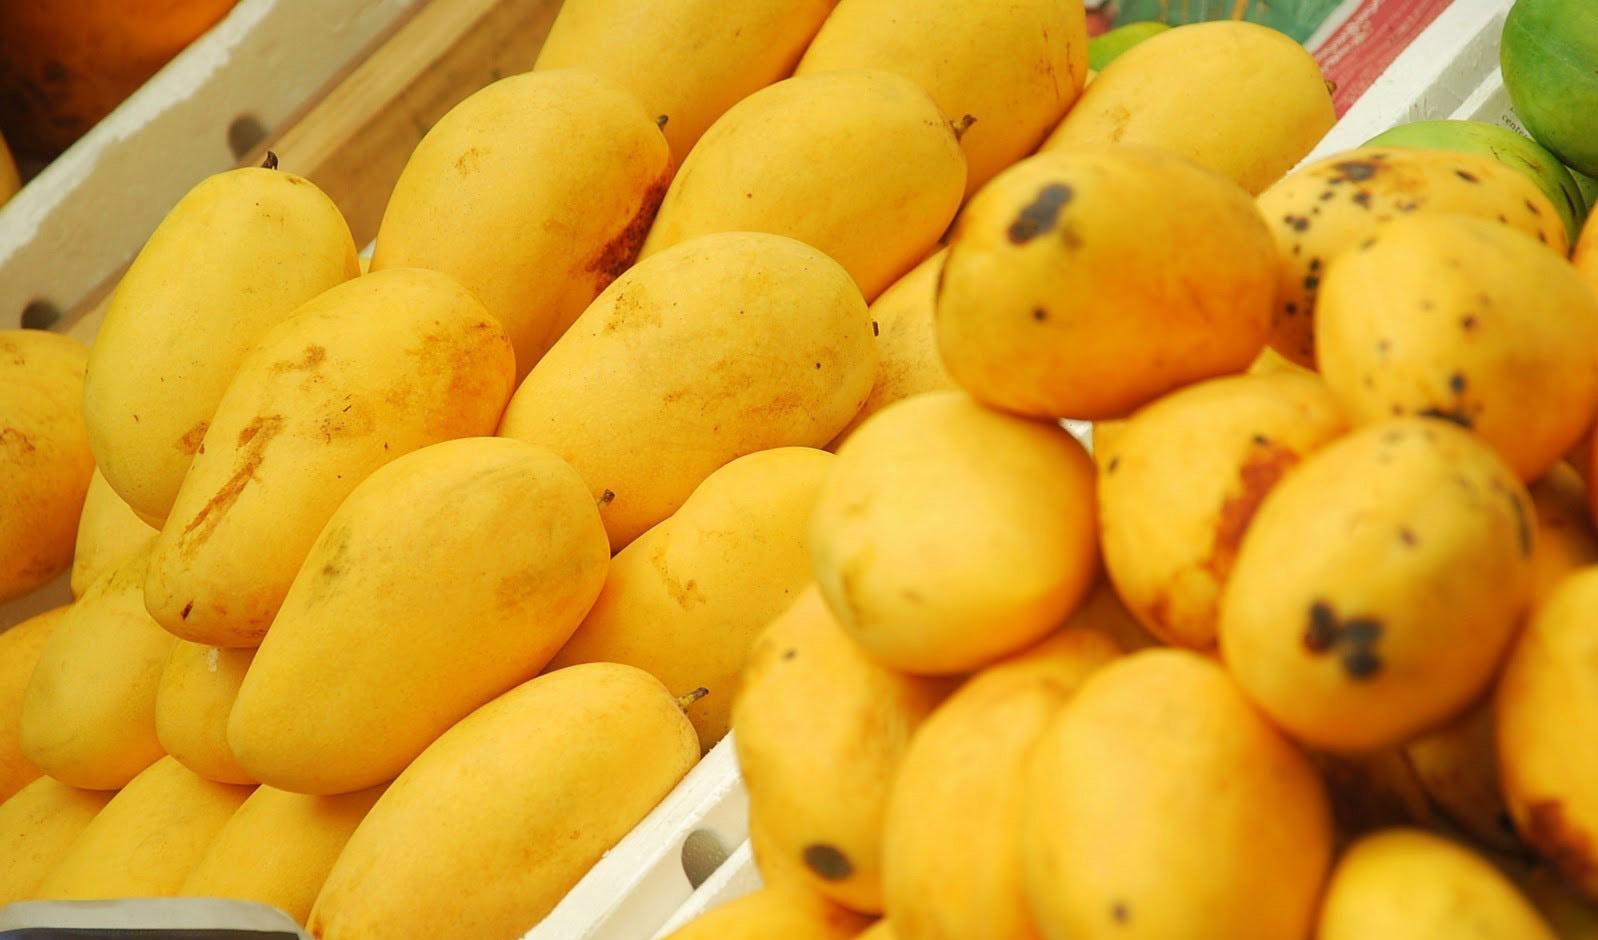 واردات انبه از فیلیپین آزاد شد